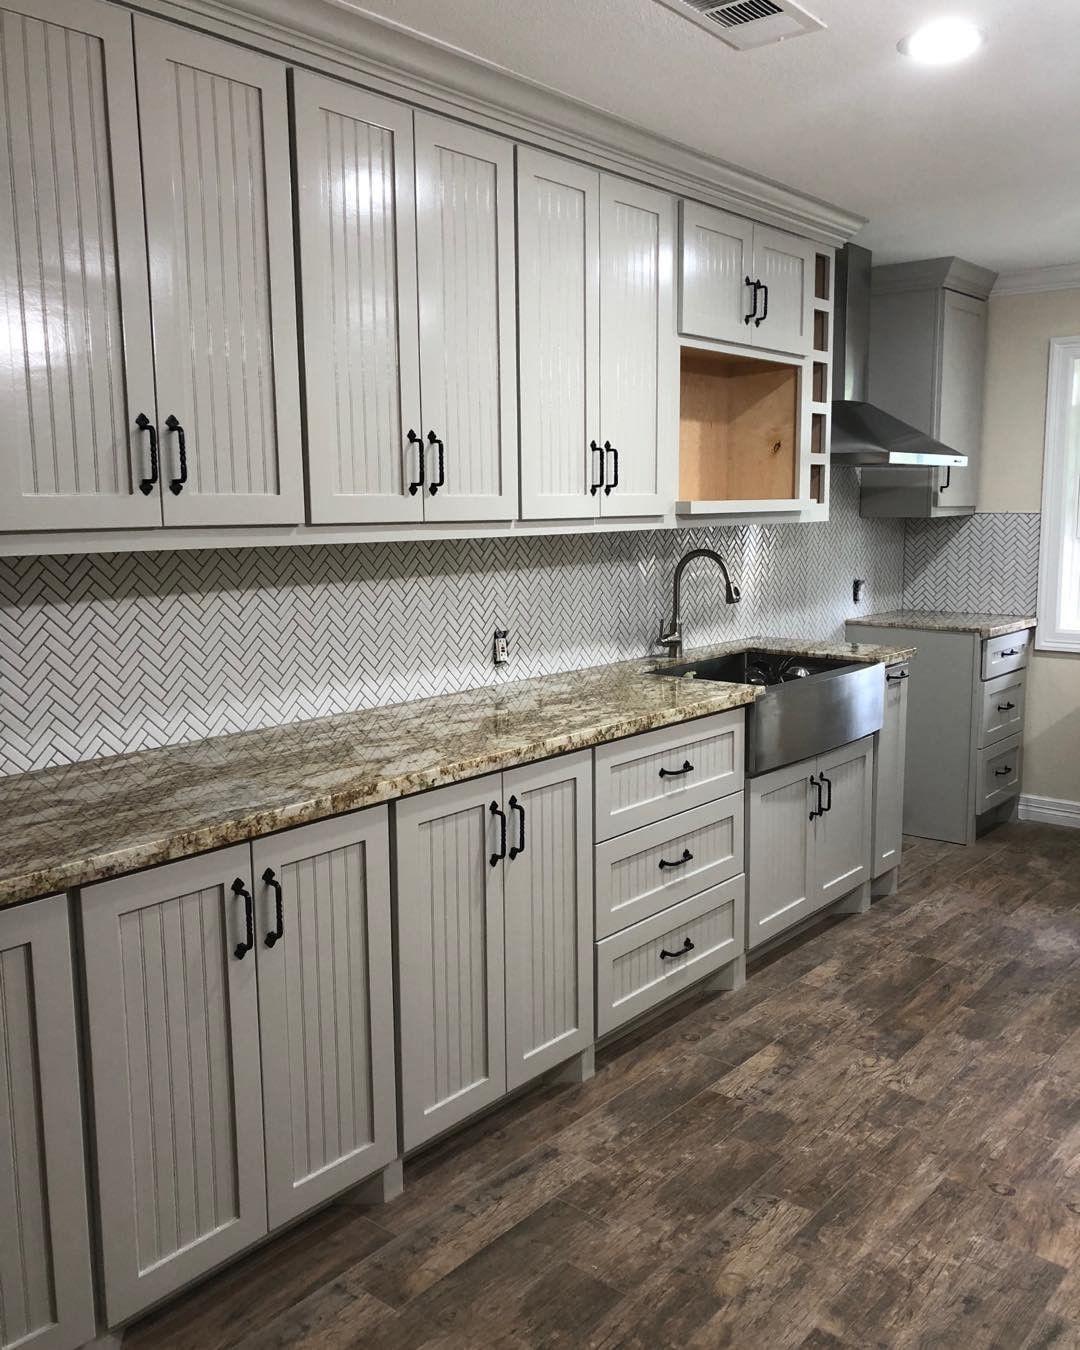 Colonnade Gray SW 7641 in kitchen | New kitchen, Kitchen ...